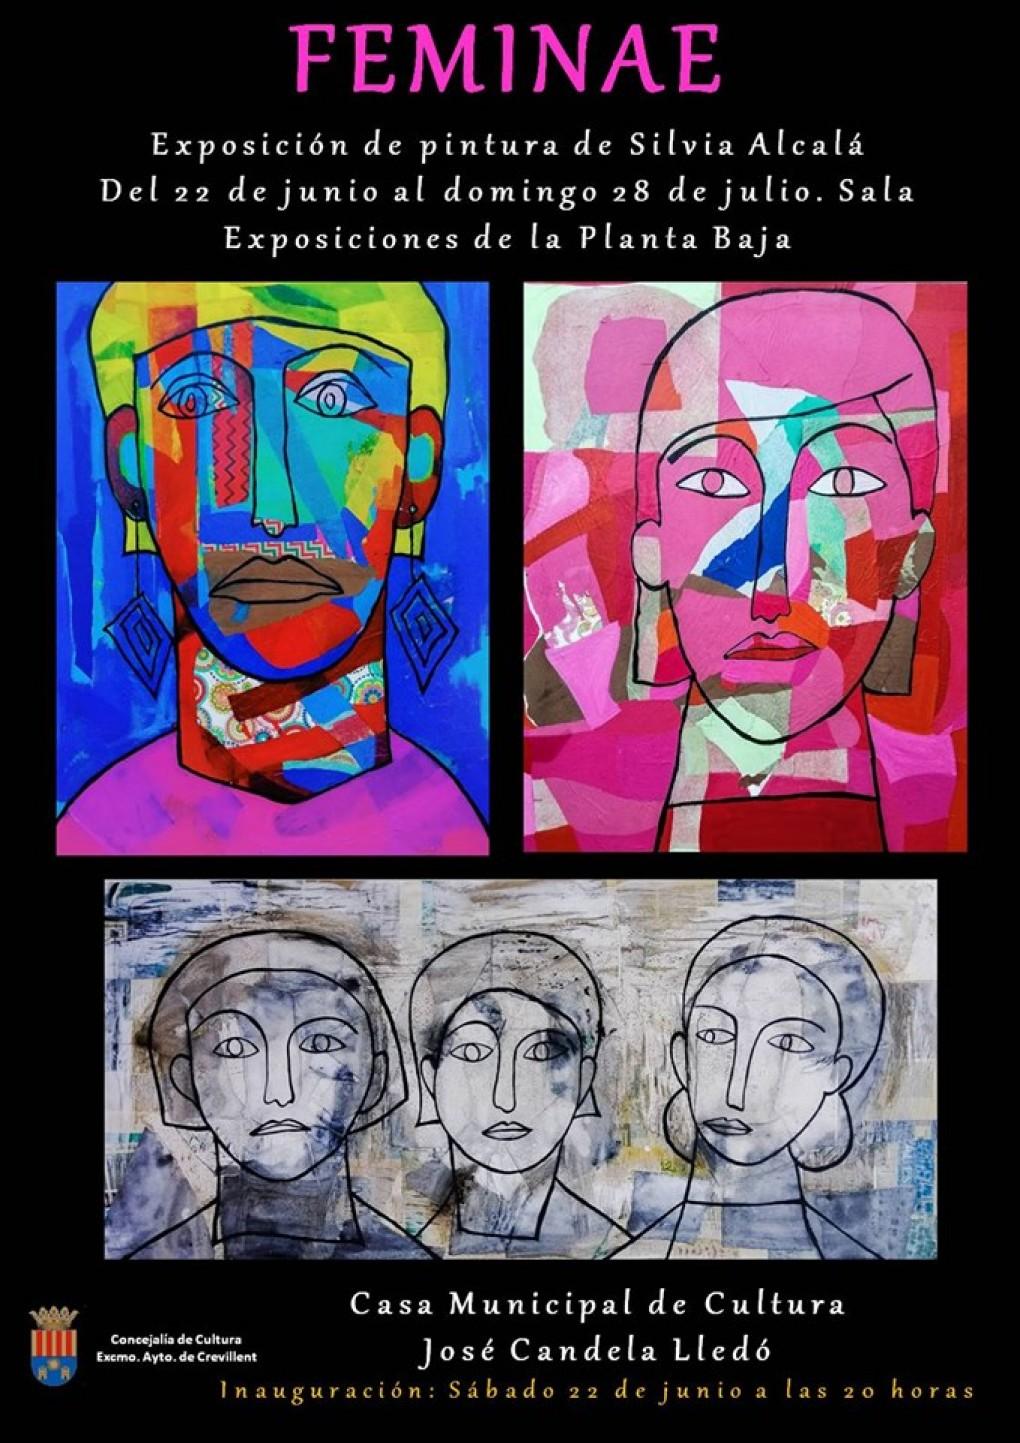 """La Casa Municipal de Cultura acoge la exposición """"Feminae"""" de Silvia Alcalá"""